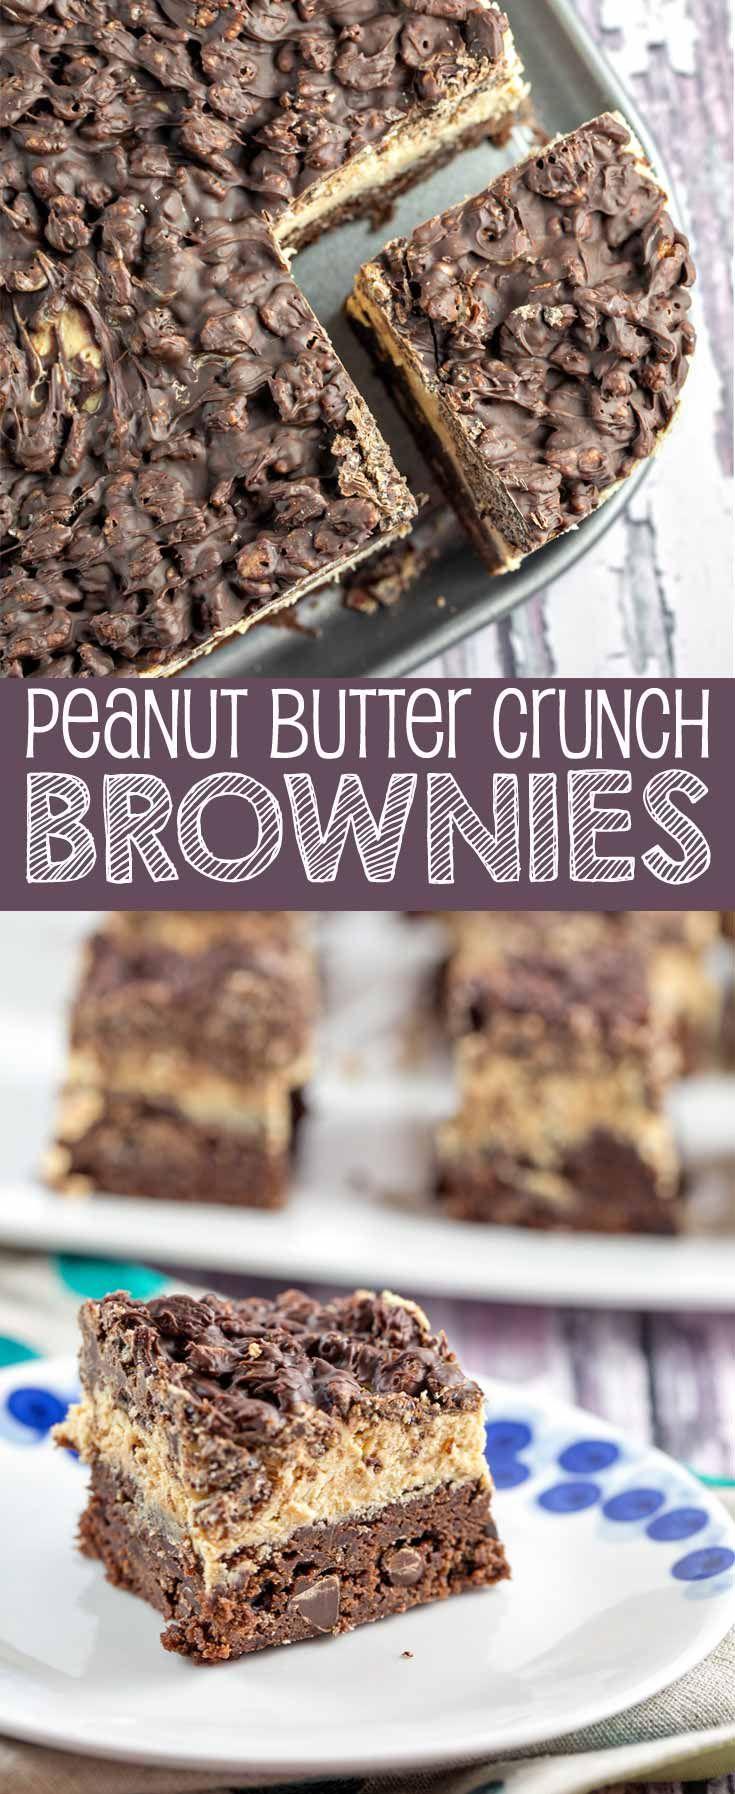 Peanut Butter Crunch Brownies Peanut Butter Crunch Brownies: homemade brownies, peanut butter frost